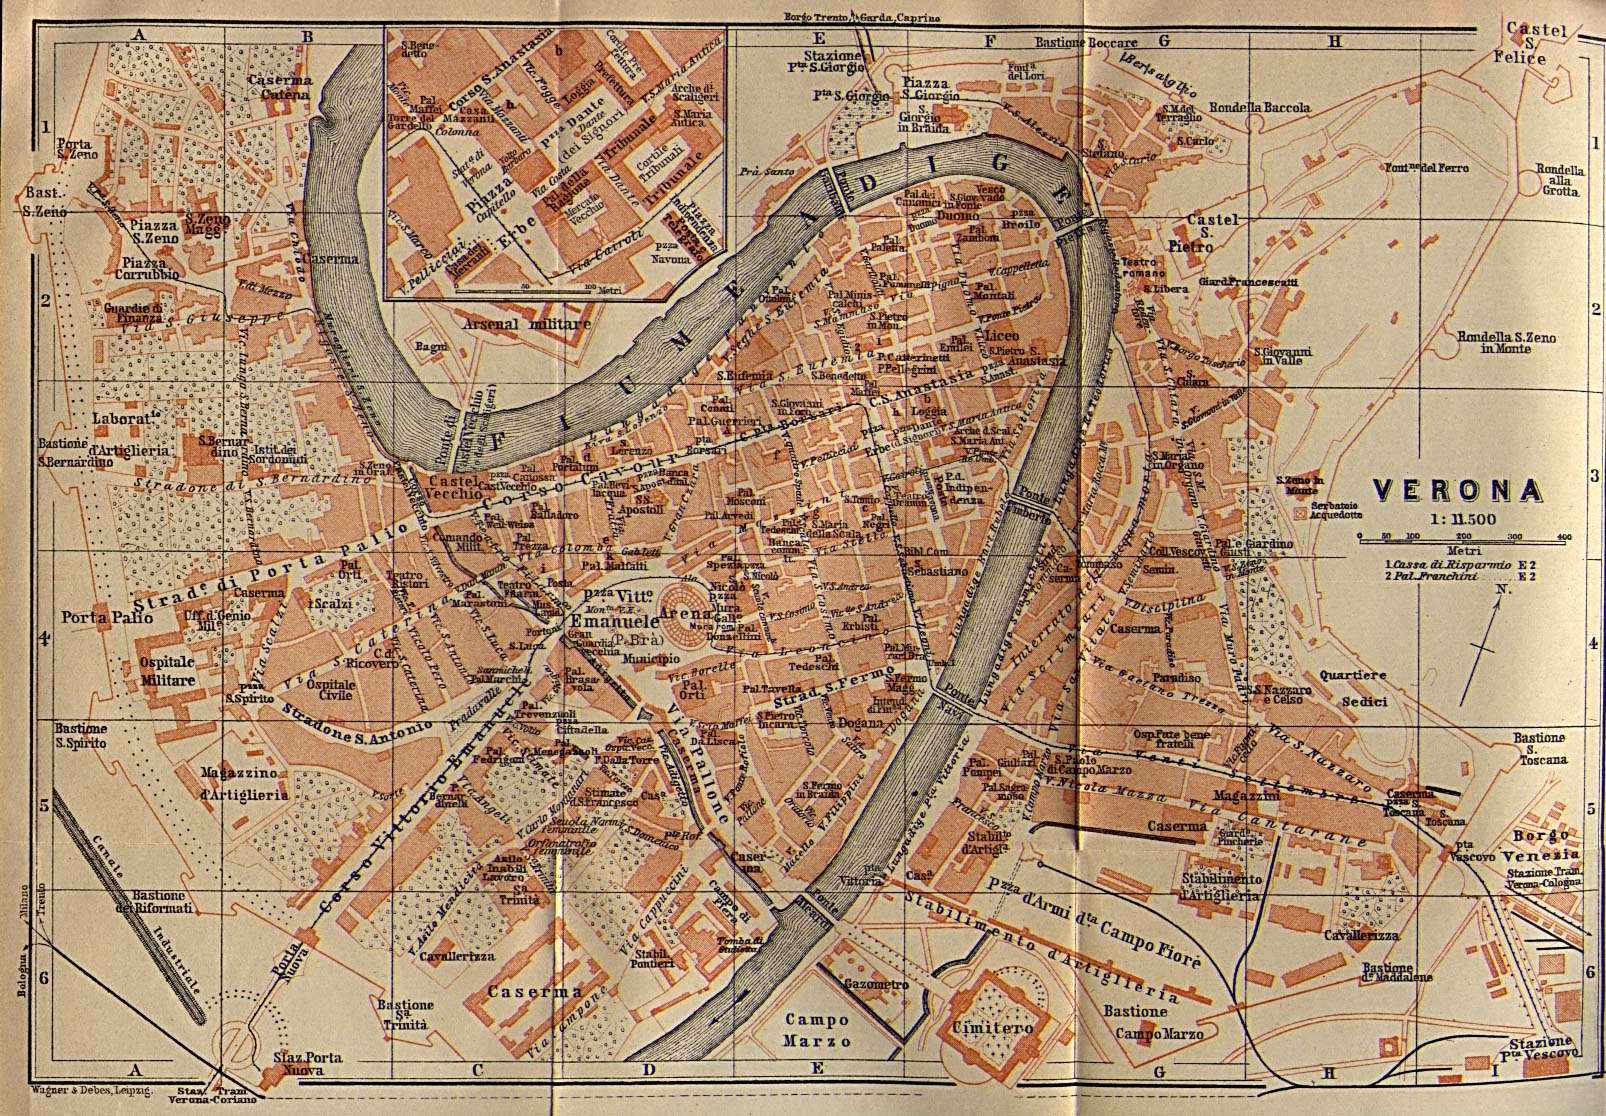 Verona City Map, Italy 1913